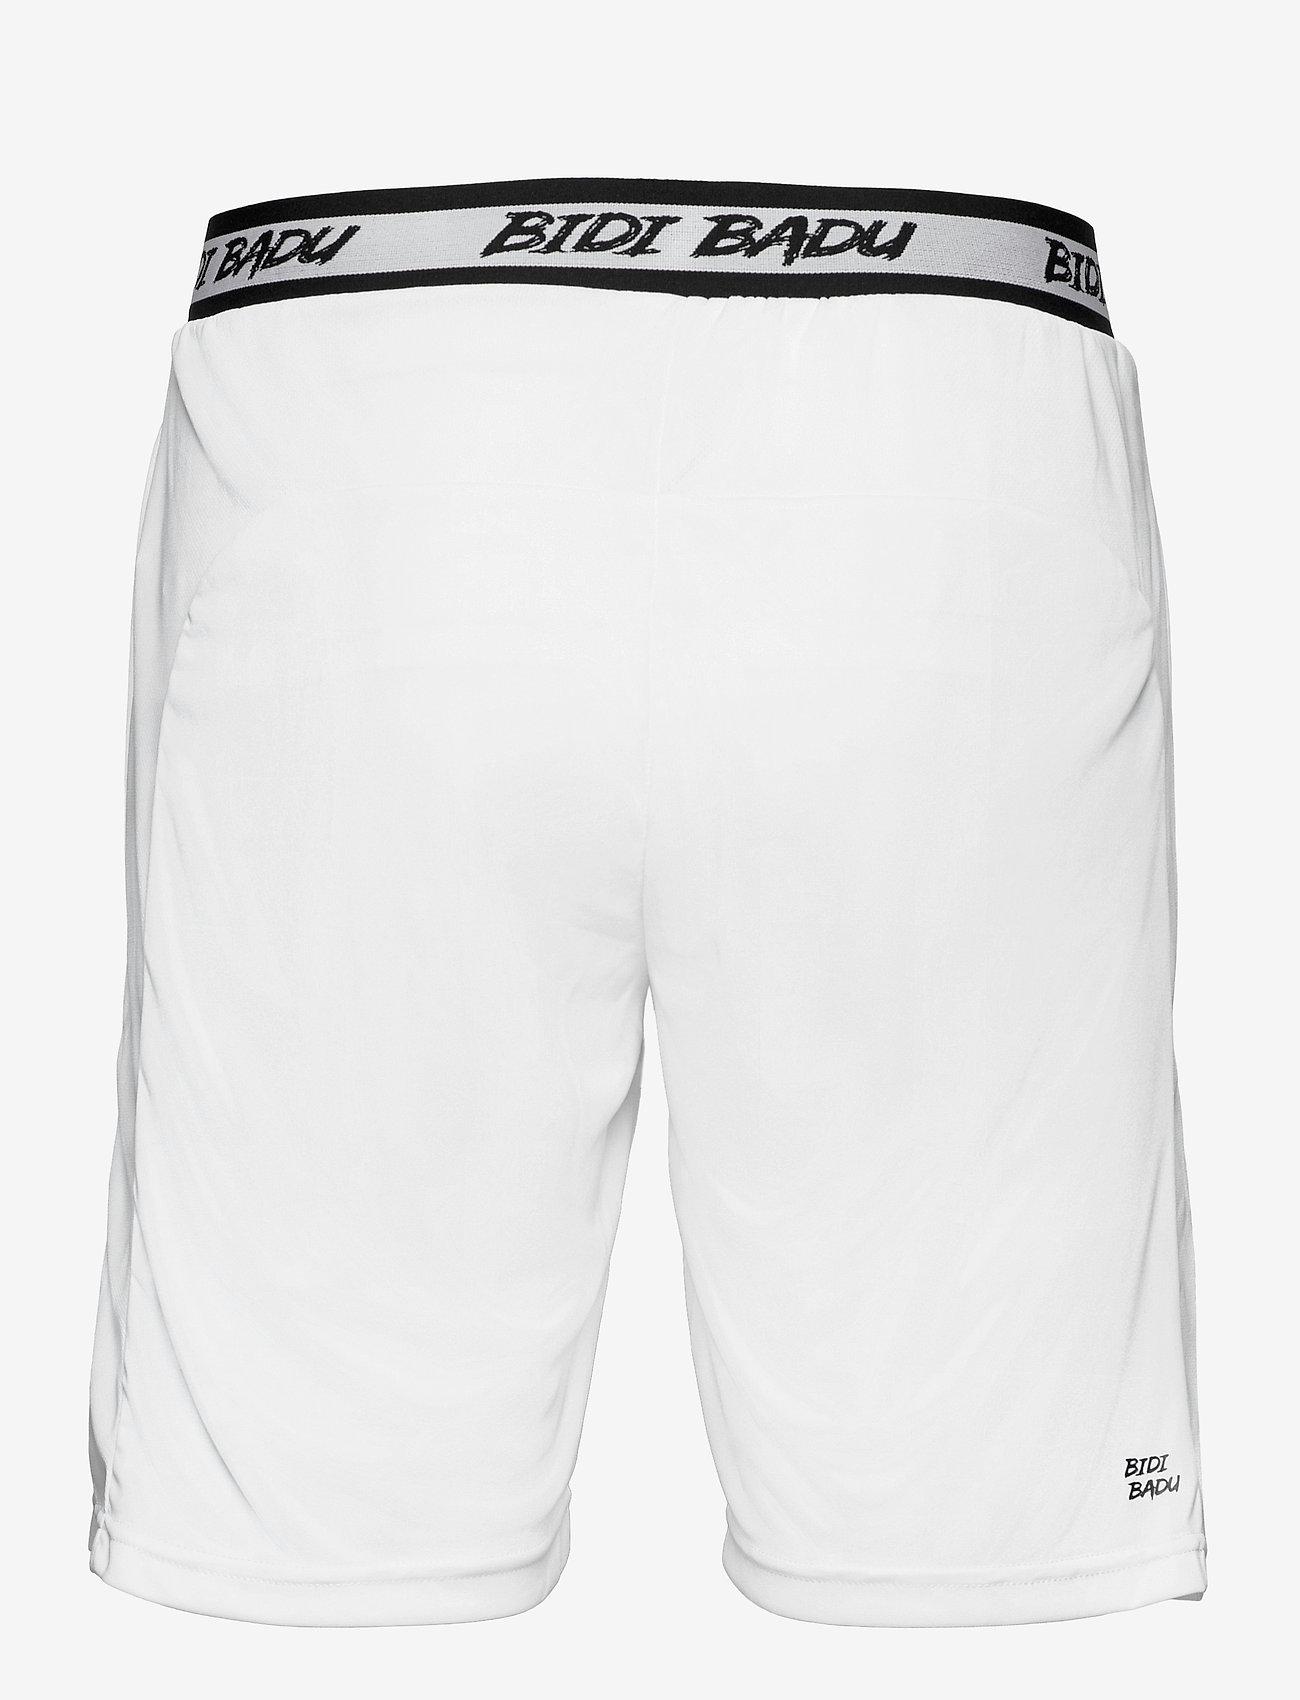 BIDI BADU - Lomar Tech Shorts - training korte broek - white - 1